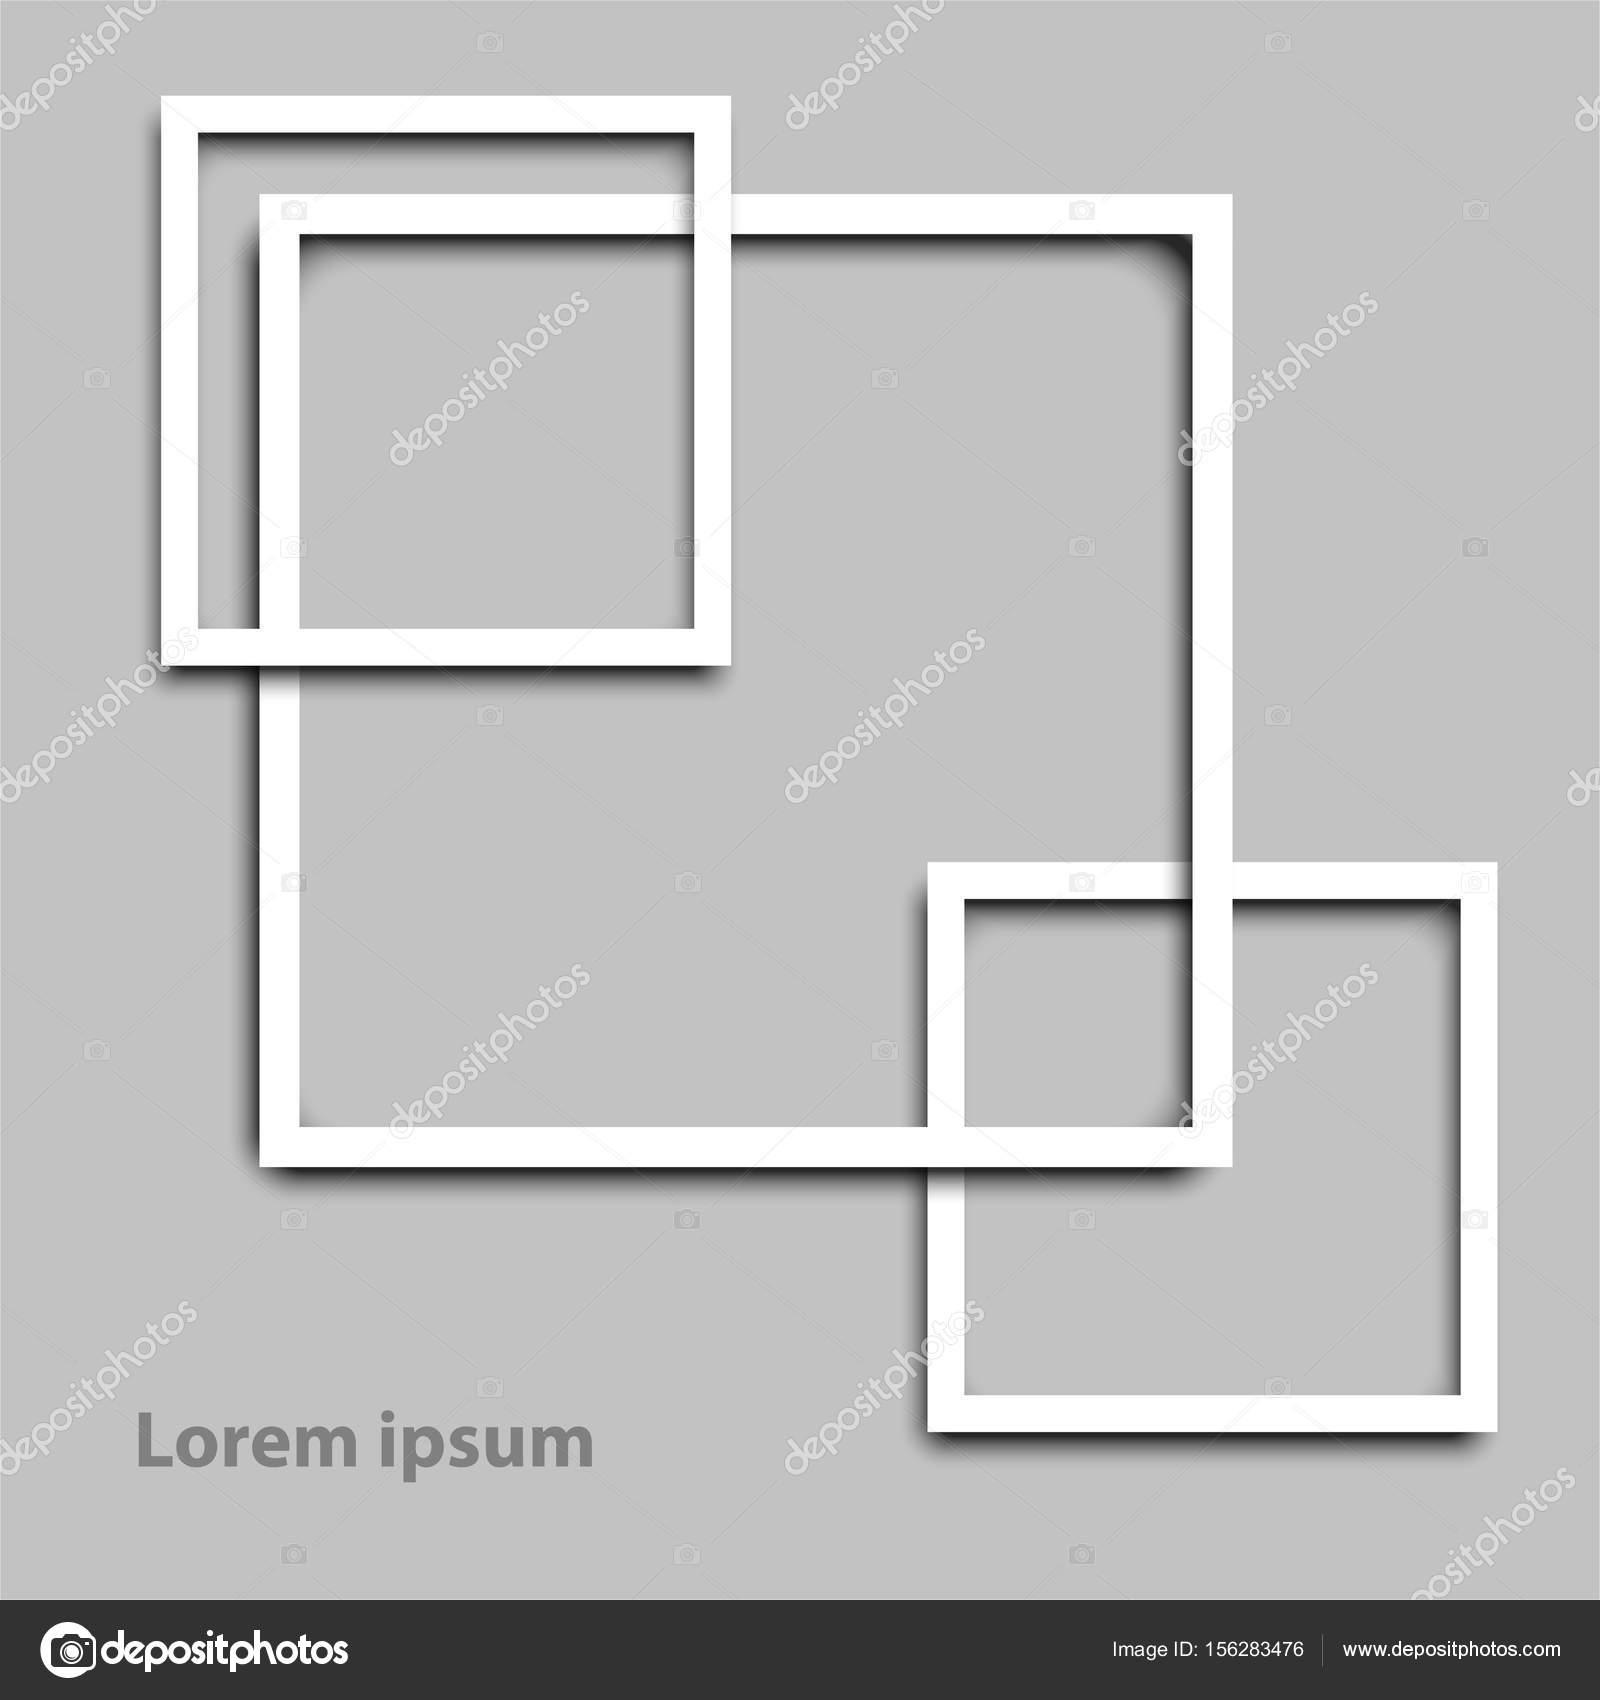 Einfache weiße 3d quadratischen Rahmen Rahmen für Website ...